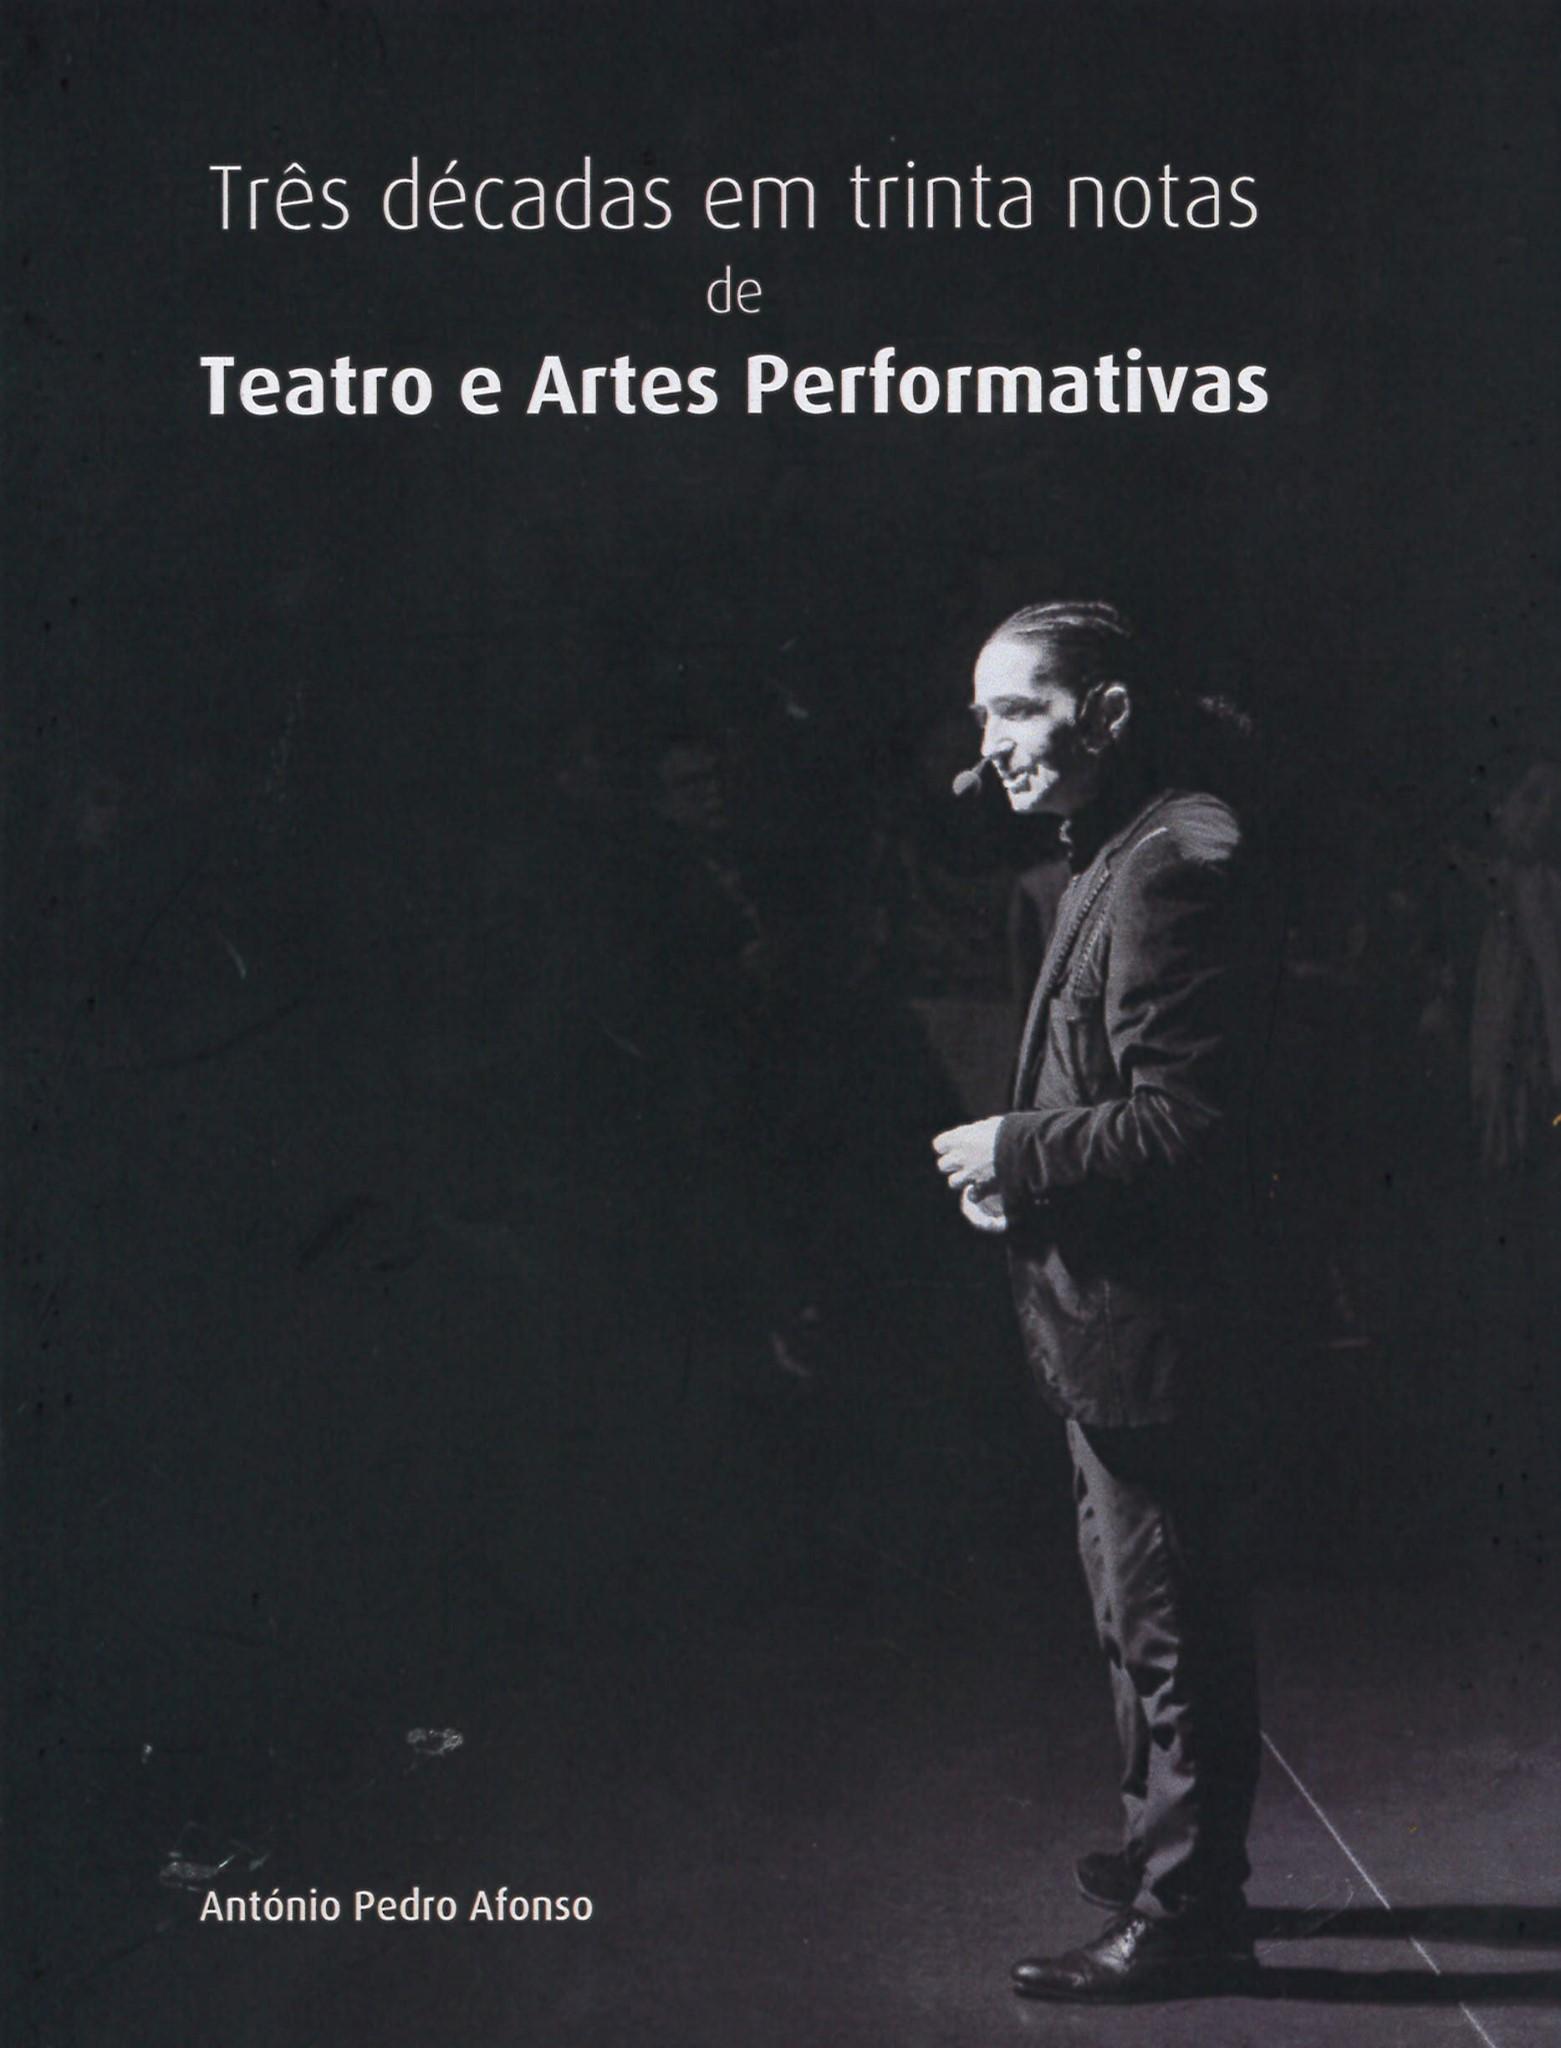 Apresentação do livro: 'Três décadas em trinta notas de Teatro e Artes Performativas'